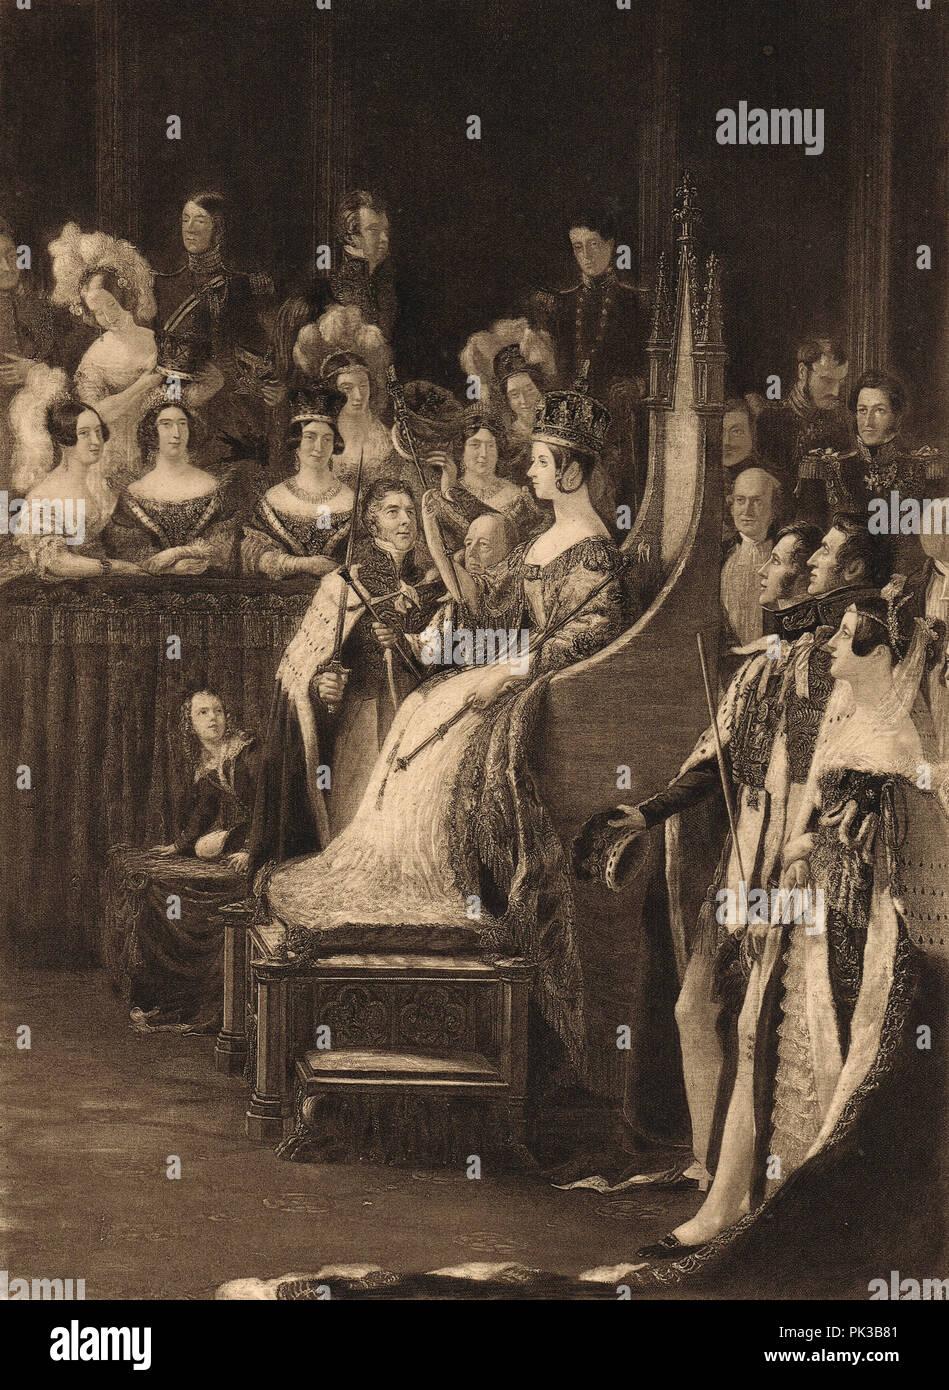 Coronation of Queen Victoria, 28 June 1838 - Stock Image